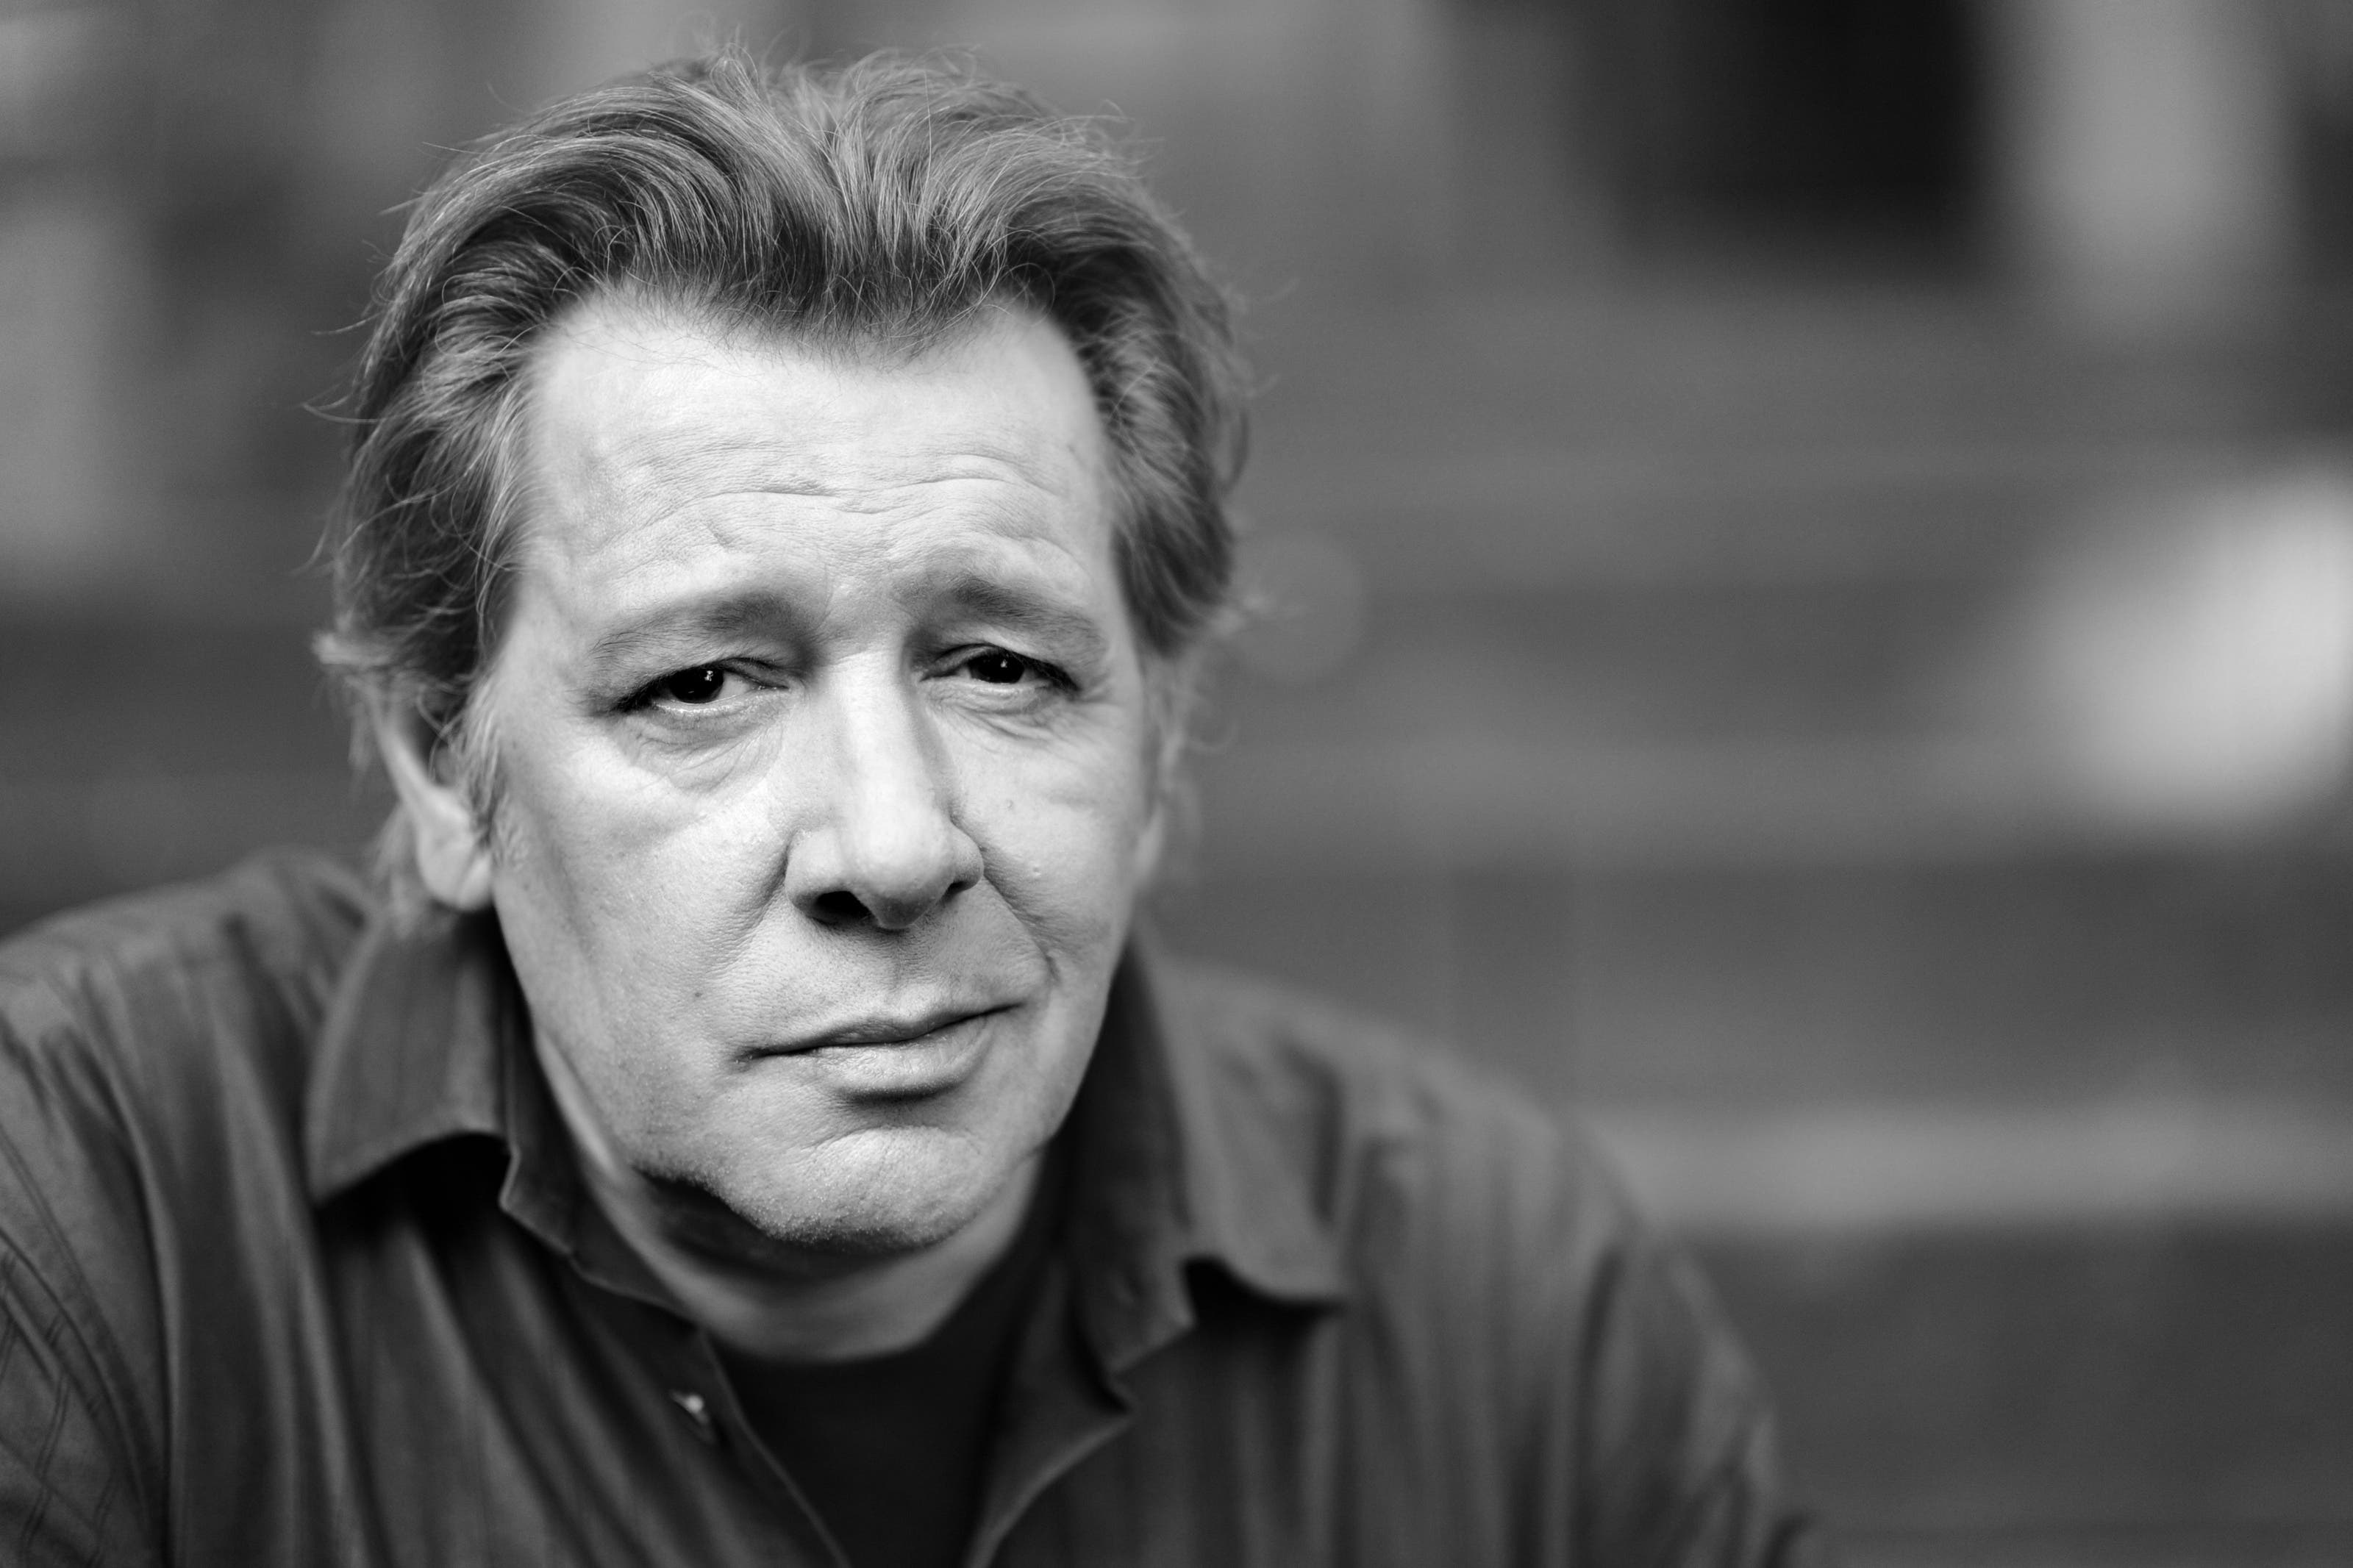 30. Dezember: Der deutsche Schauspieler Jan Fedder stirbt im Alter von 64 Jahren in Hamburg.